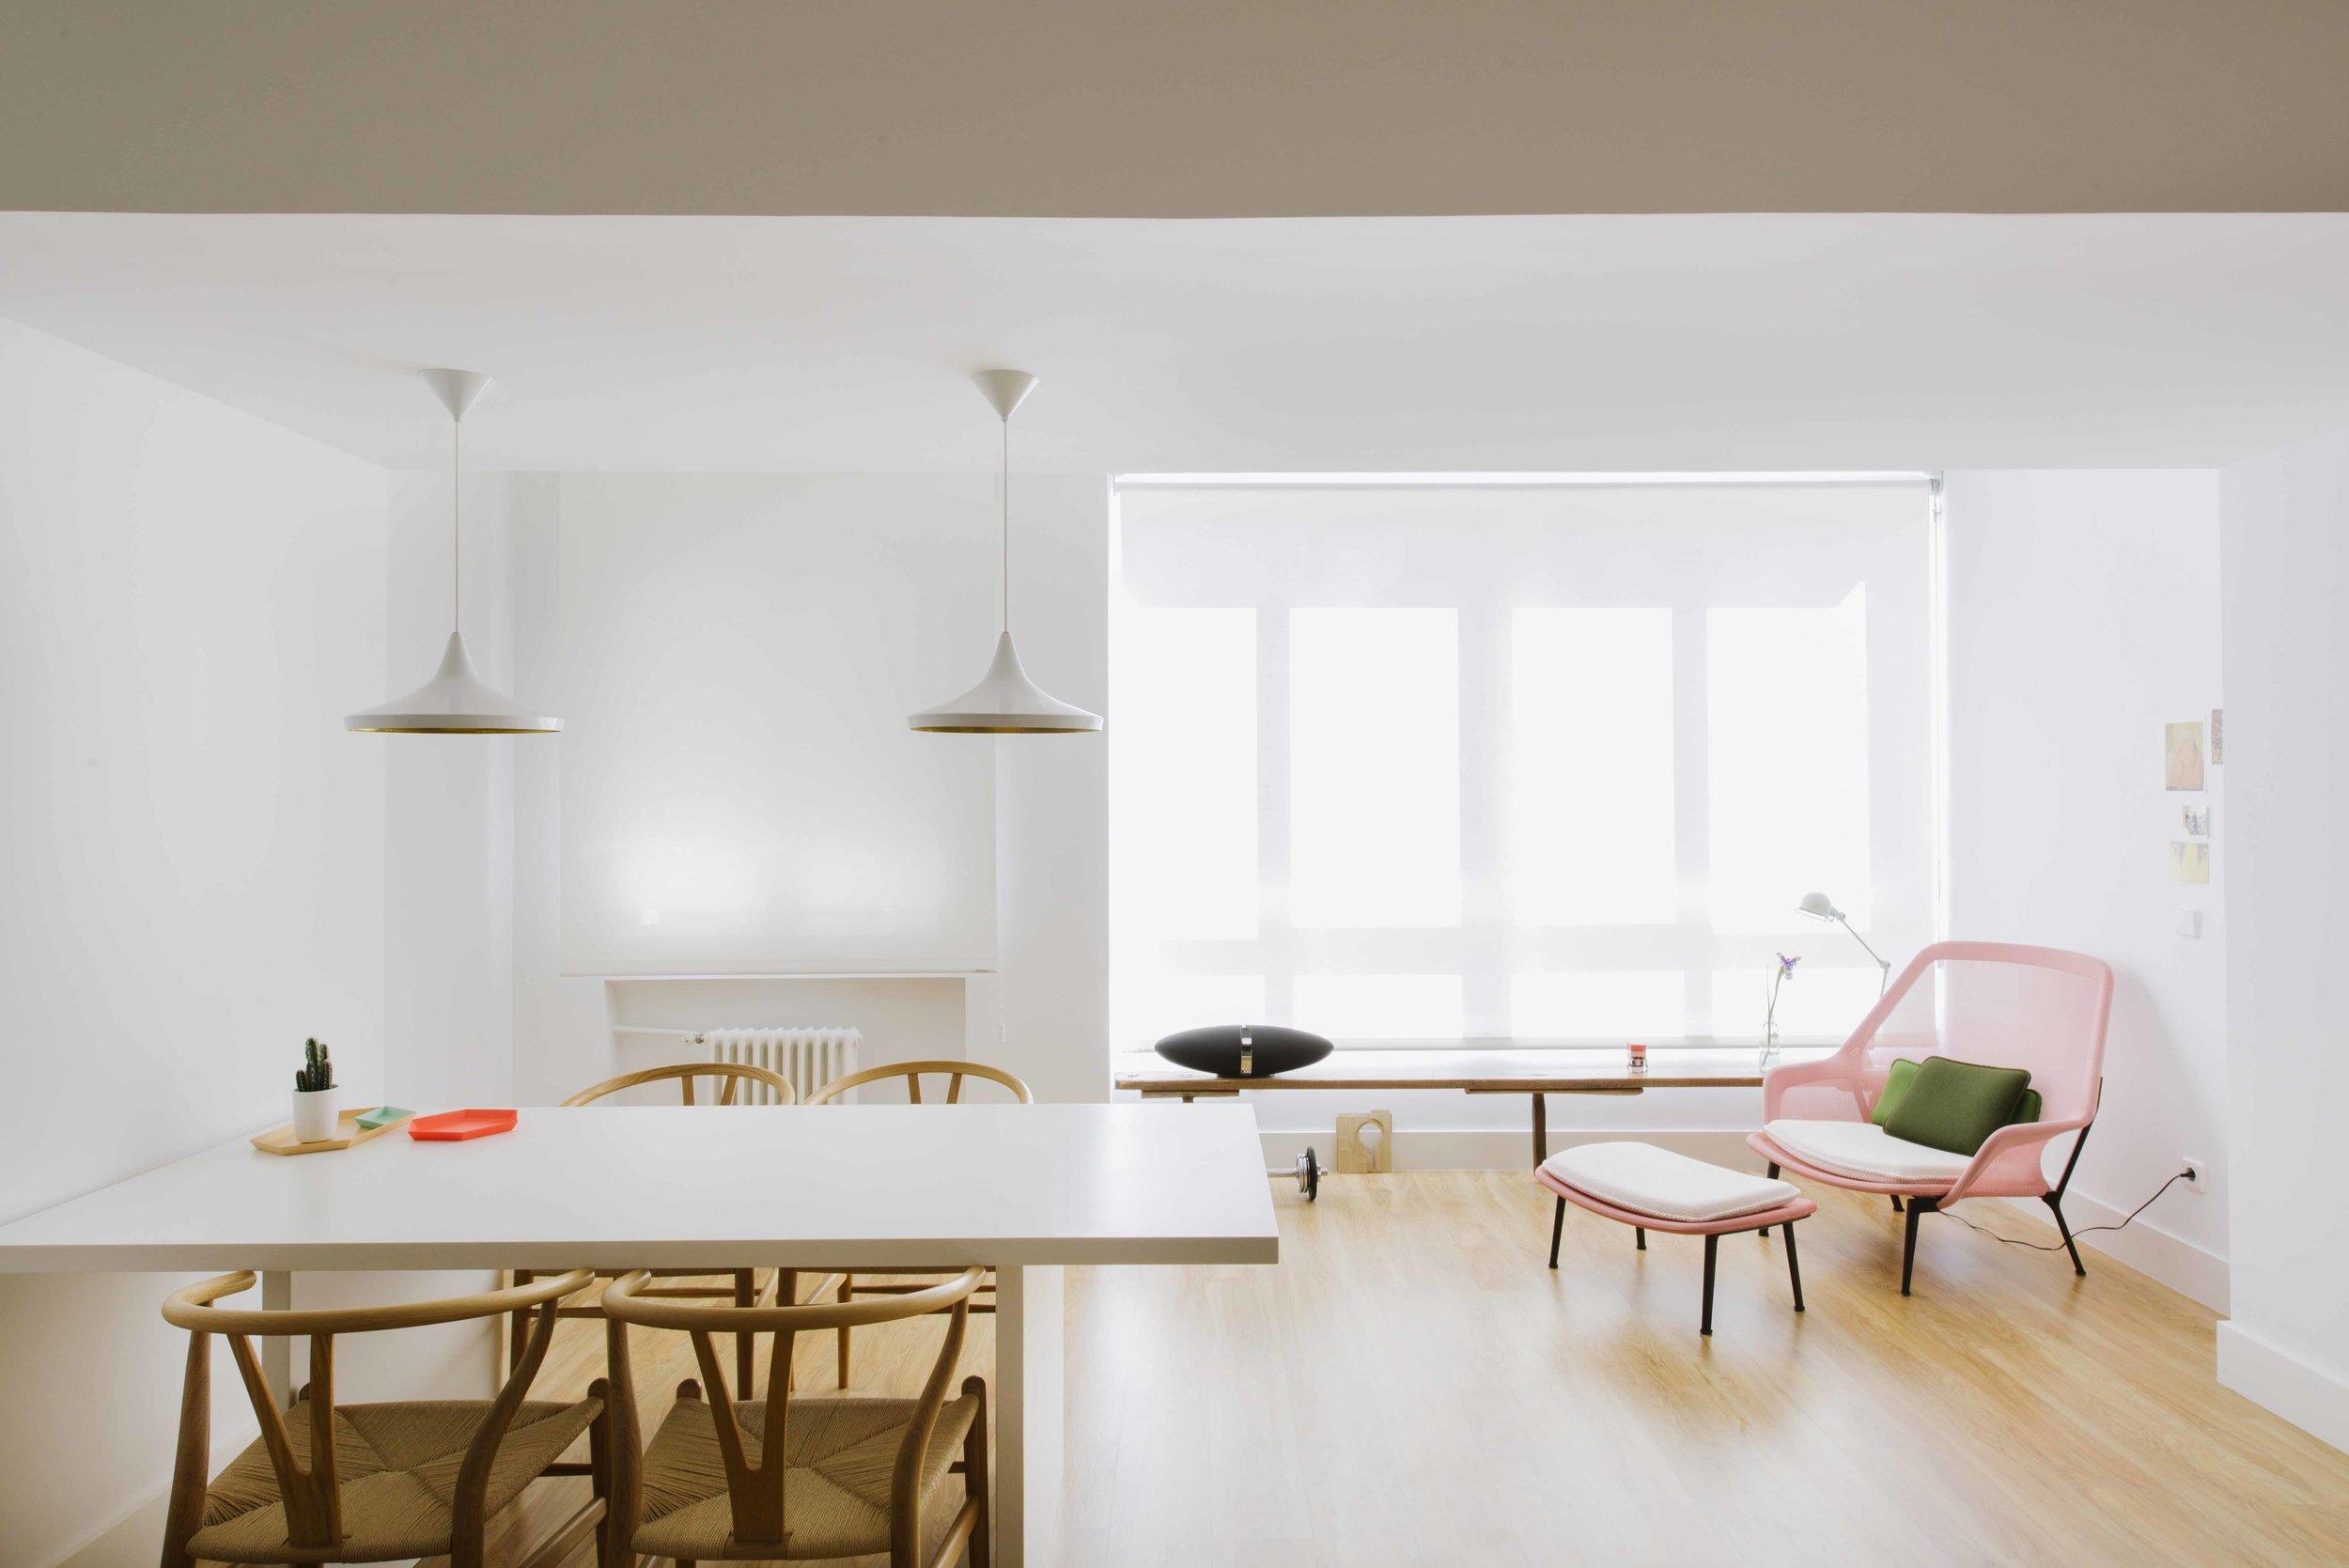 fotografía-estudio-arquitectura-nimu-269